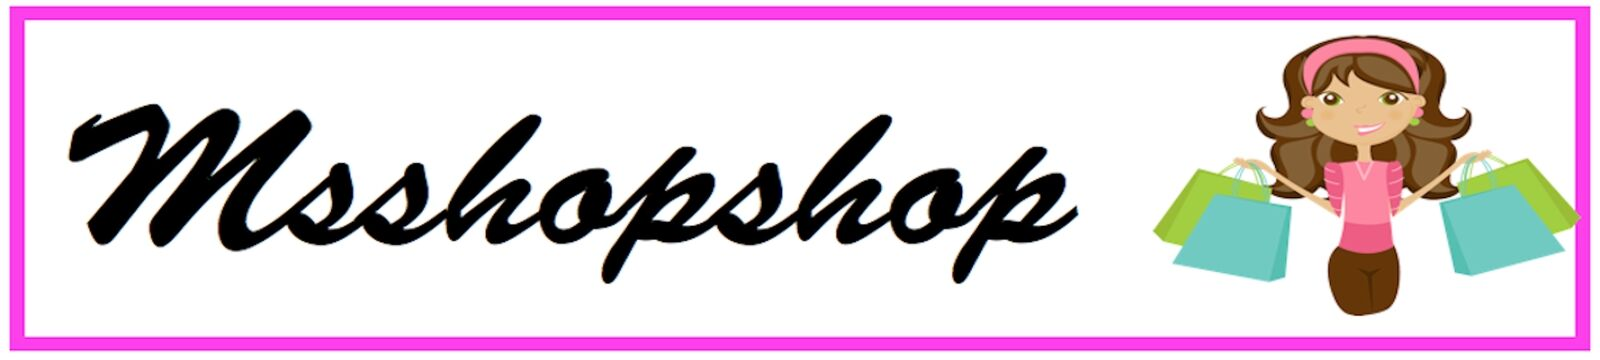 msshopshop